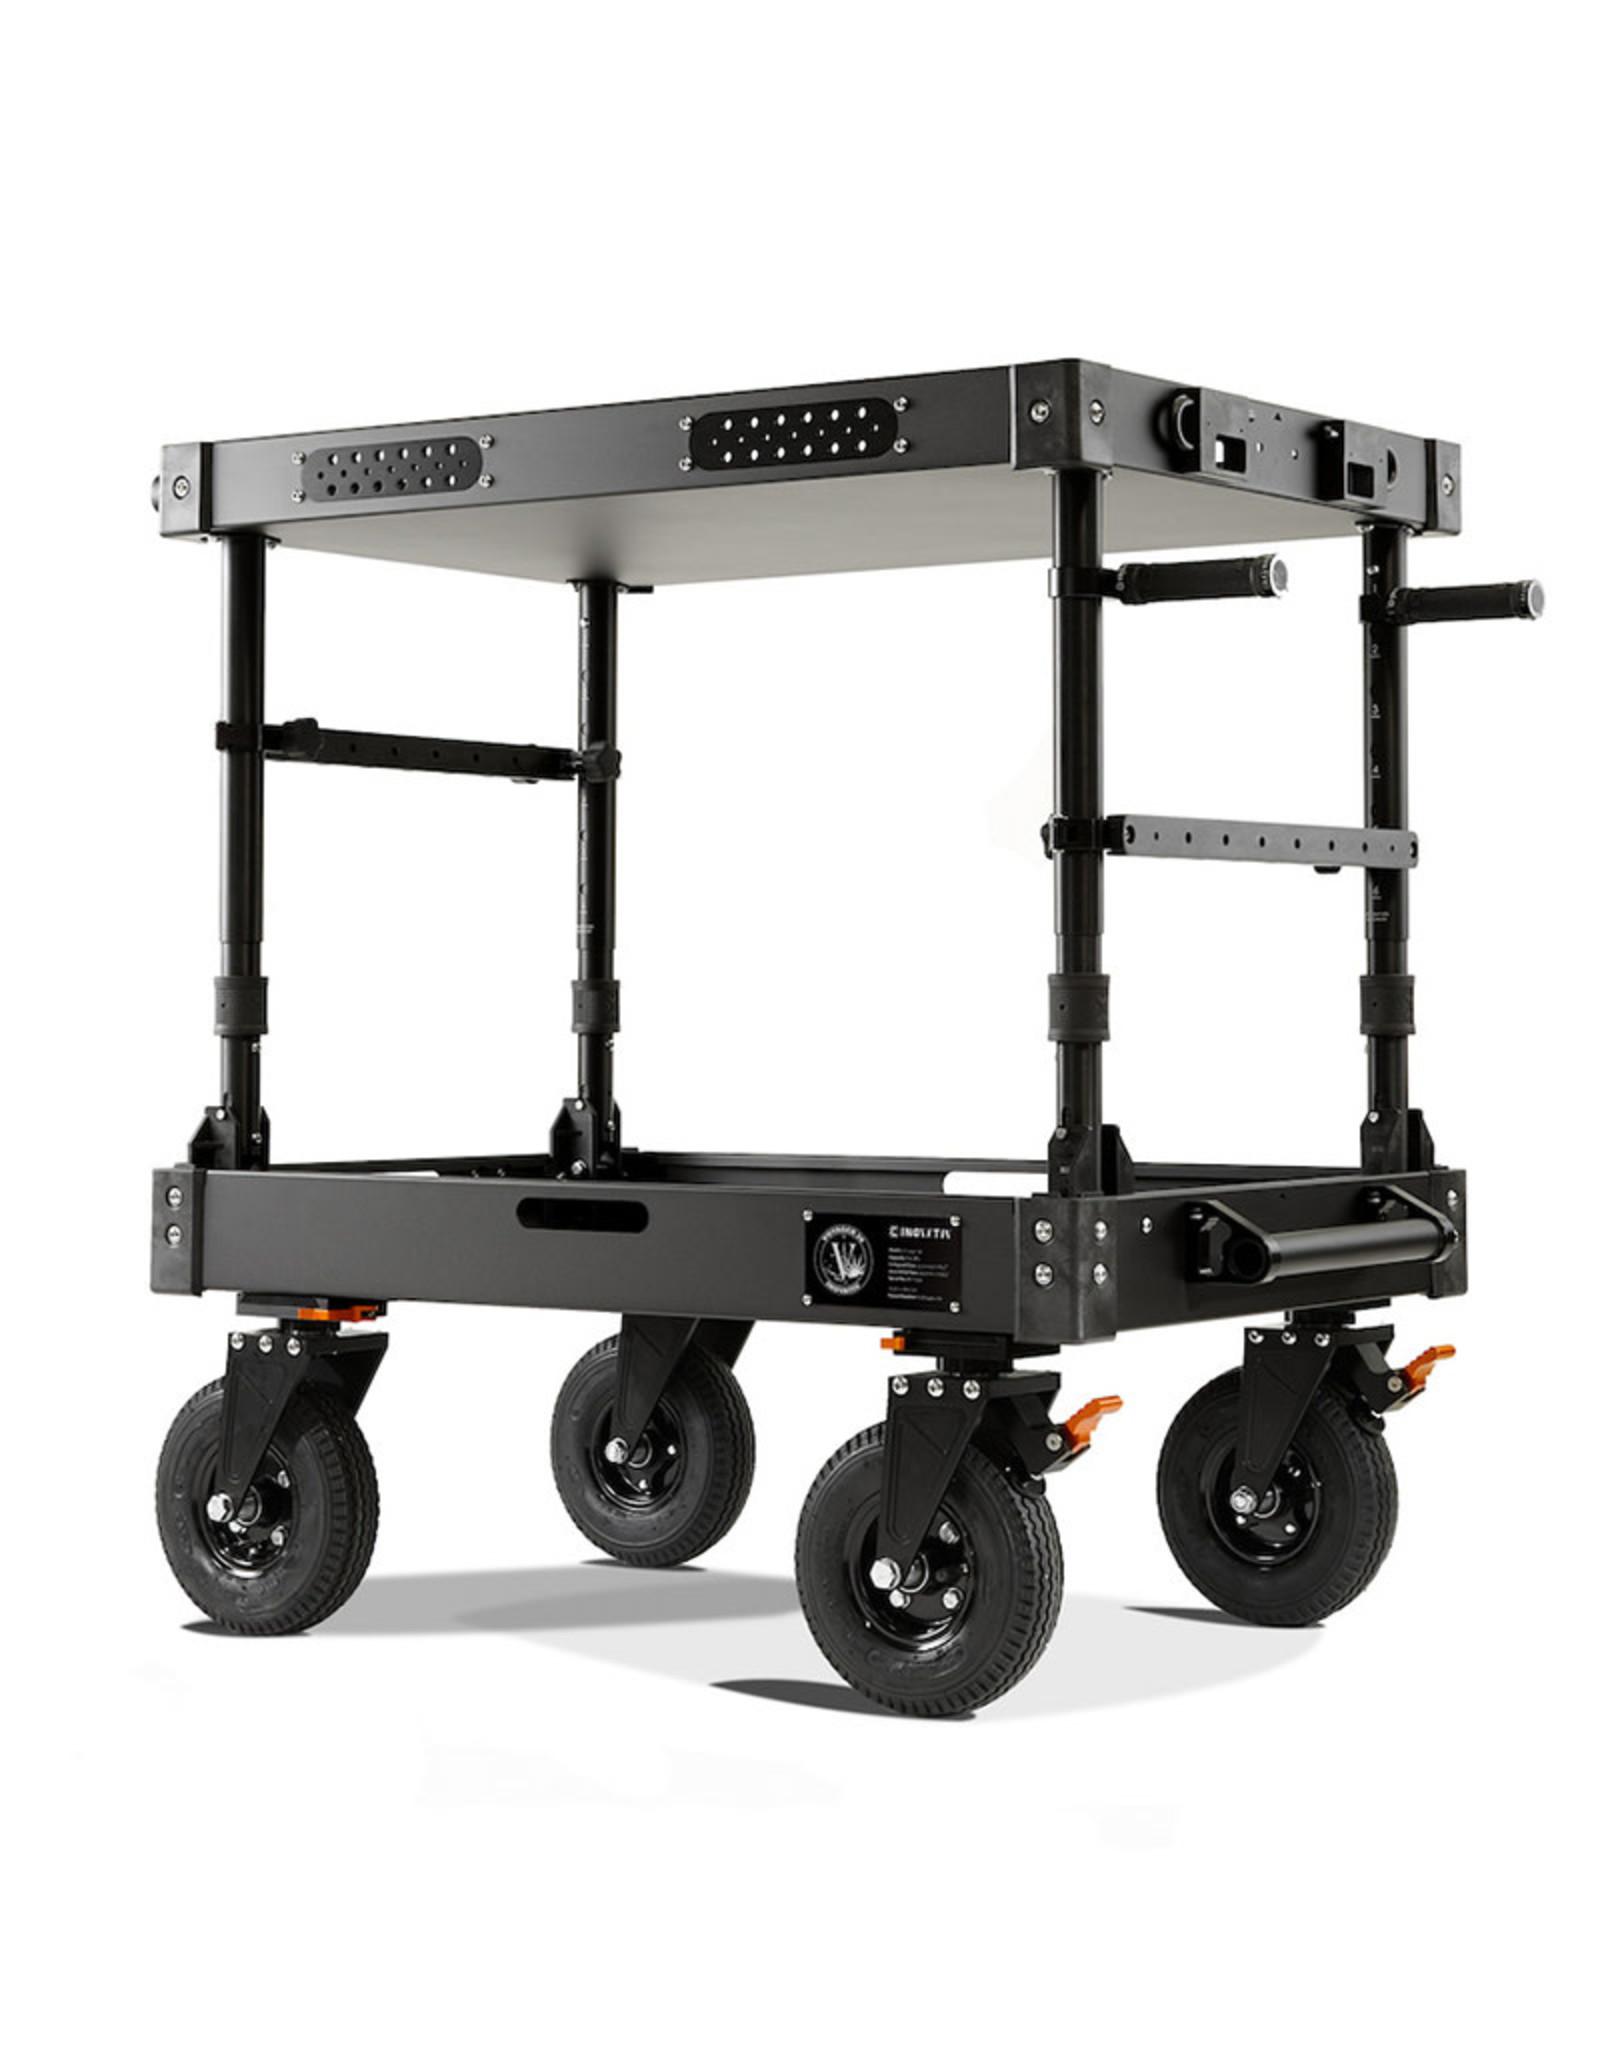 Inovativ Inovativ Voyager EVO Work Station